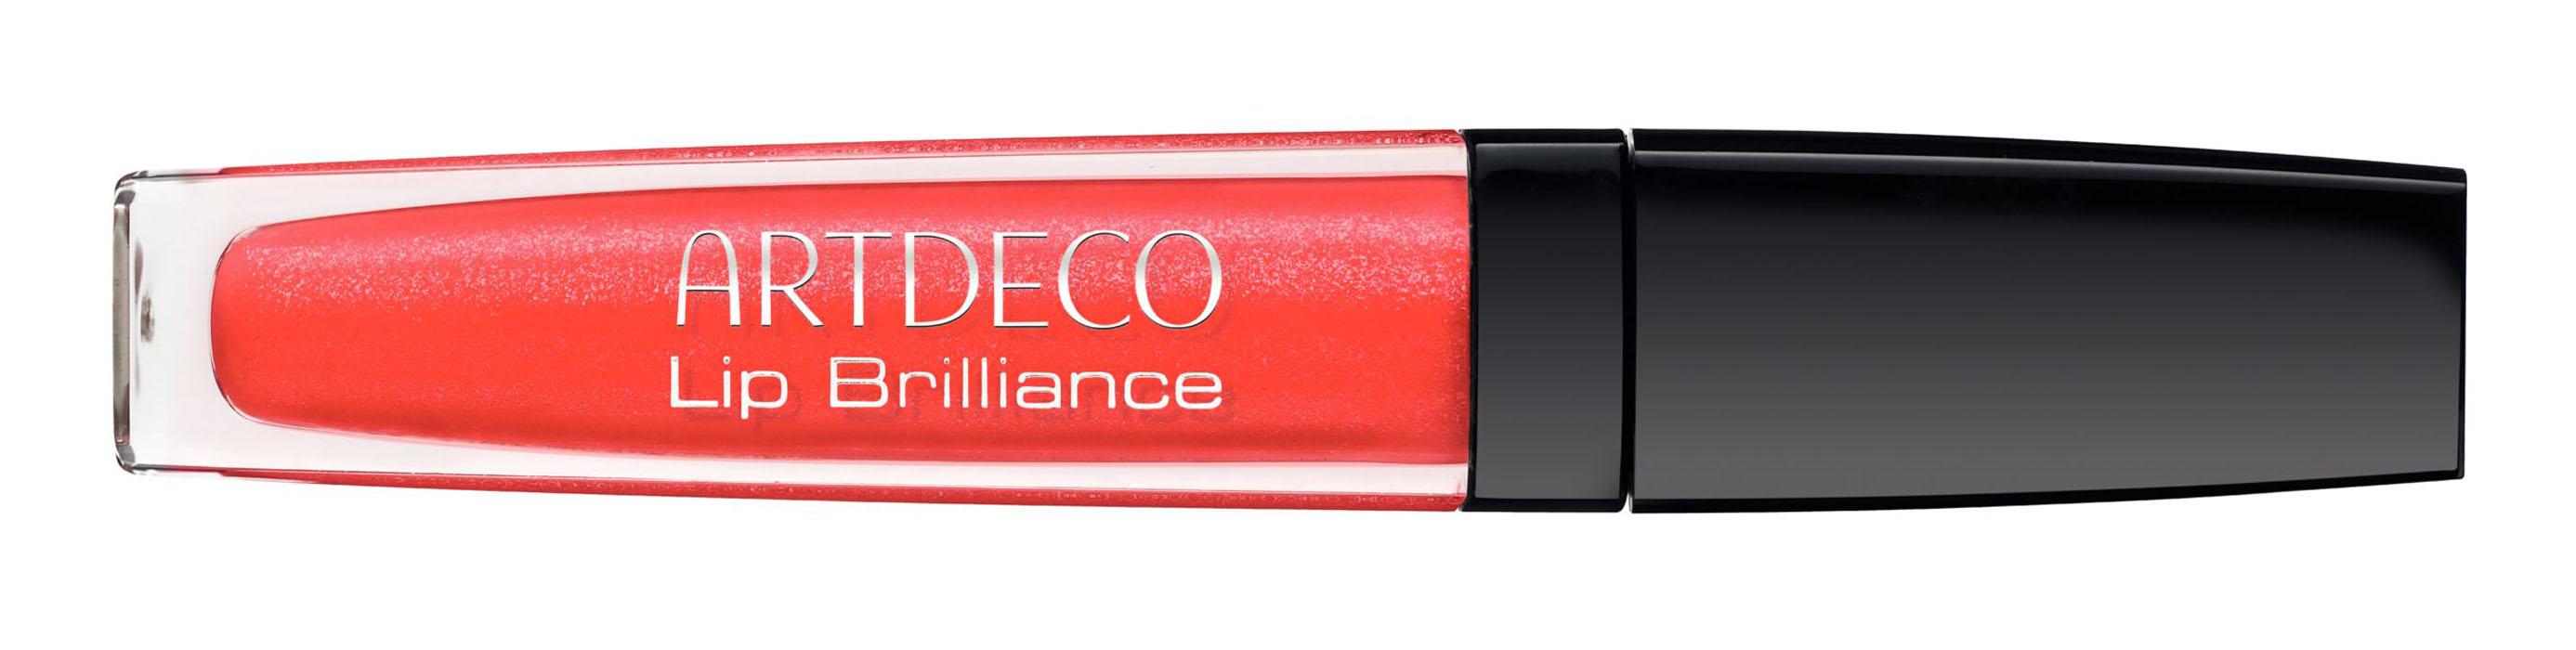 ARTDECO Блеск для губ устойчивый Fashion Colors BRILLIANCE 03, 5 млSC-FM20104Легкая прозрачная формула создает разглаживающее покрытие с эффектом лифтинга, за счет чего помада ложится ровно, не собирается в складочки. Питательный комплекс ухаживает за губами. Стик смягчает натуральный цвет губ и дает возможность четко накрасить губы по контору и не исказить цвет помады. Увеличивает устойчивость помады, что значительно экономит ваши деньги и время.